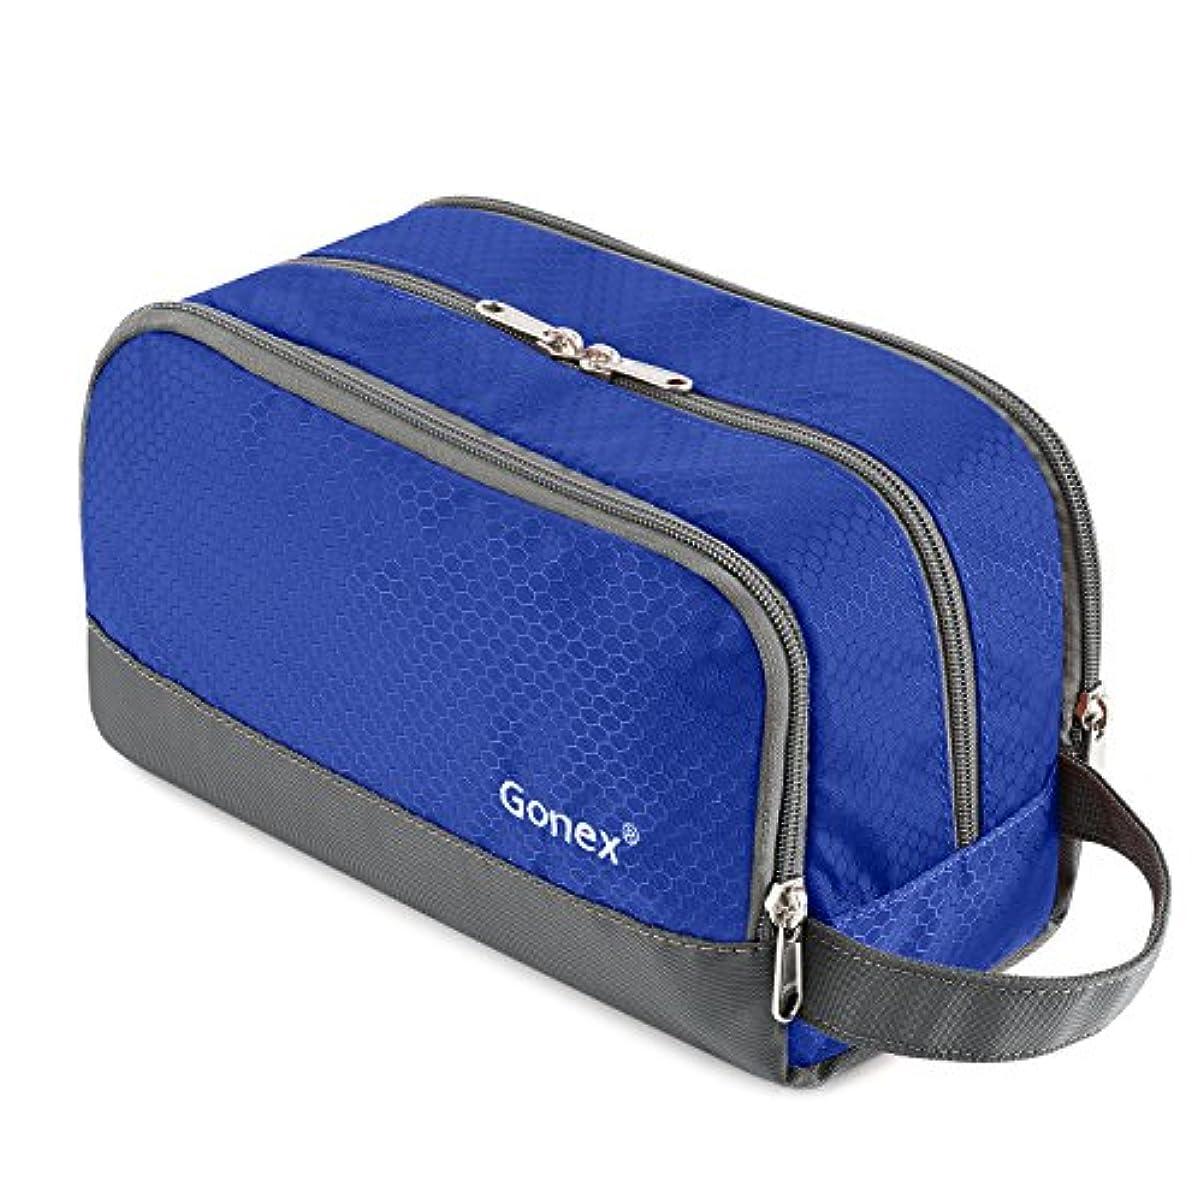 ドレイン叫ぶなぞらえるGonex トイレタリーバッグ 三層構造 化粧ポーチ 防水 トラベルポーチ バッグインバッグ 洗面具入れ 旅行/出張 (ブルー)